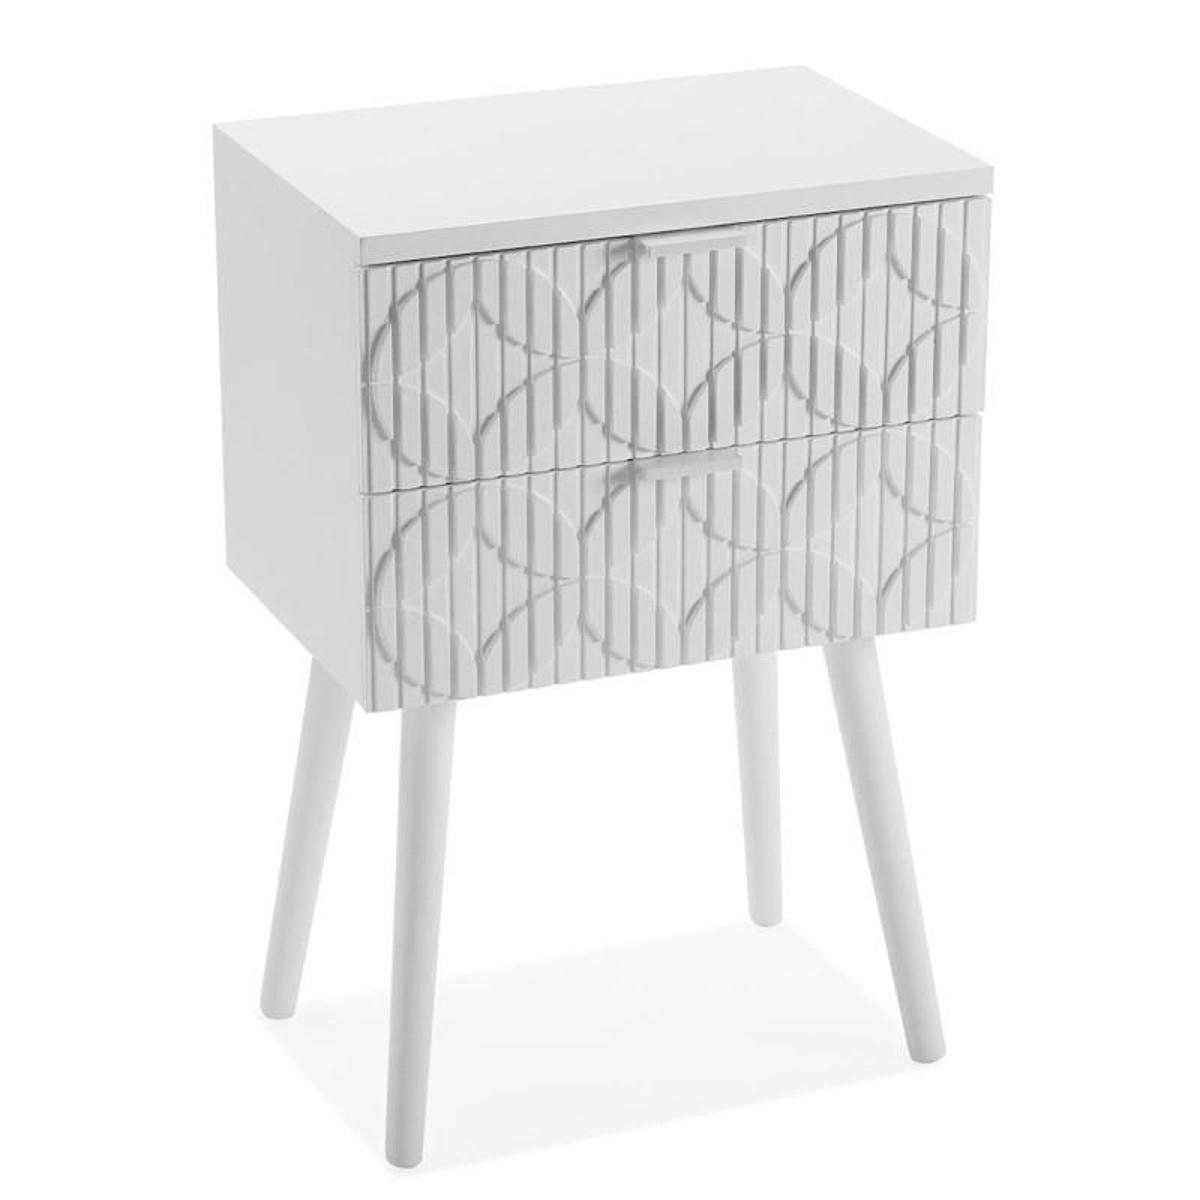 Table de chevet india en bois blanc